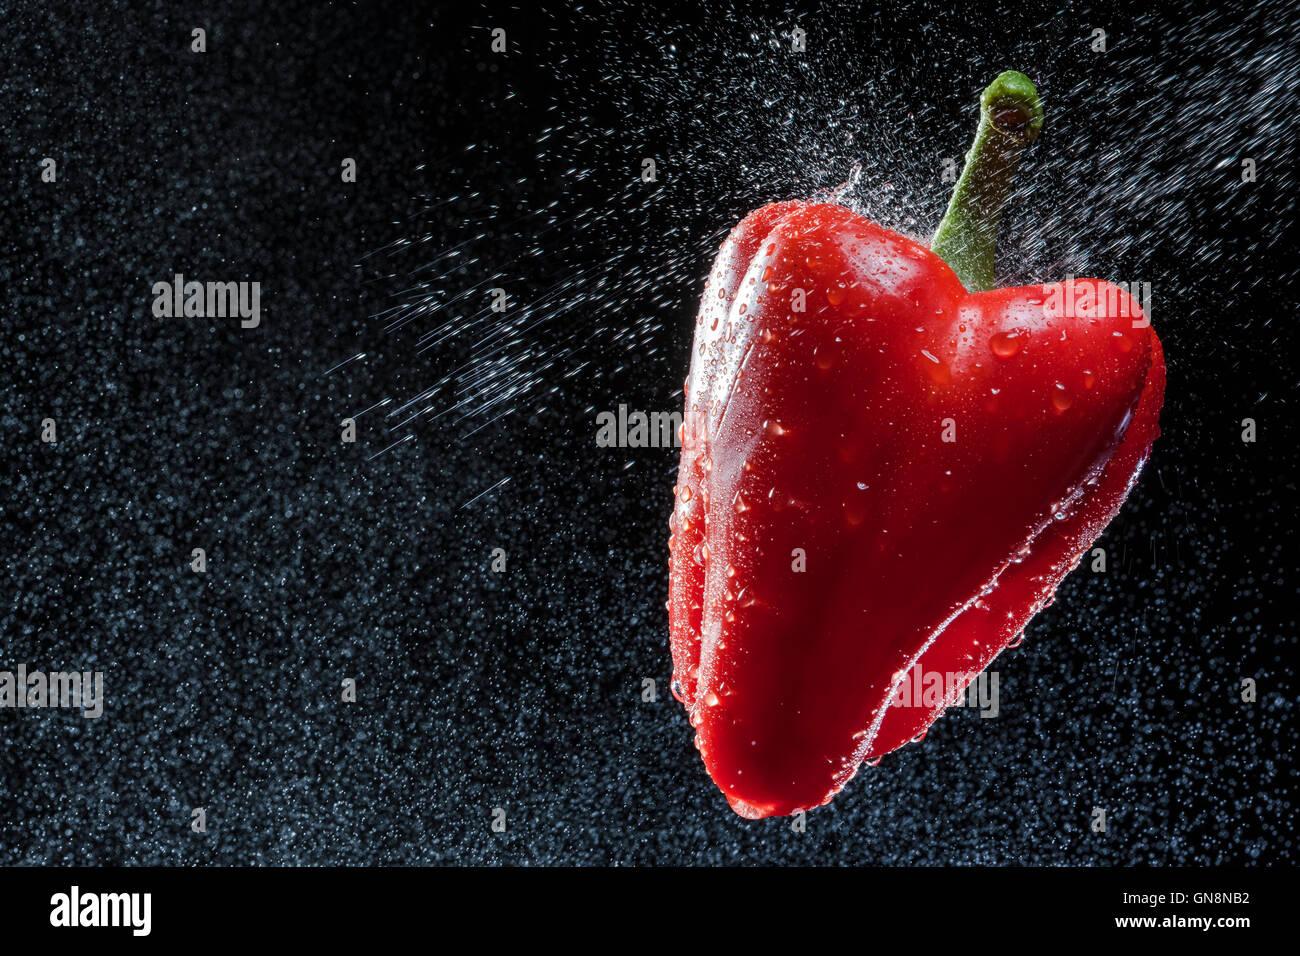 Dans un vaporisateur de poivre rouge sur fond noir. Une série de fruits et légumes en mouvement. Banque D'Images